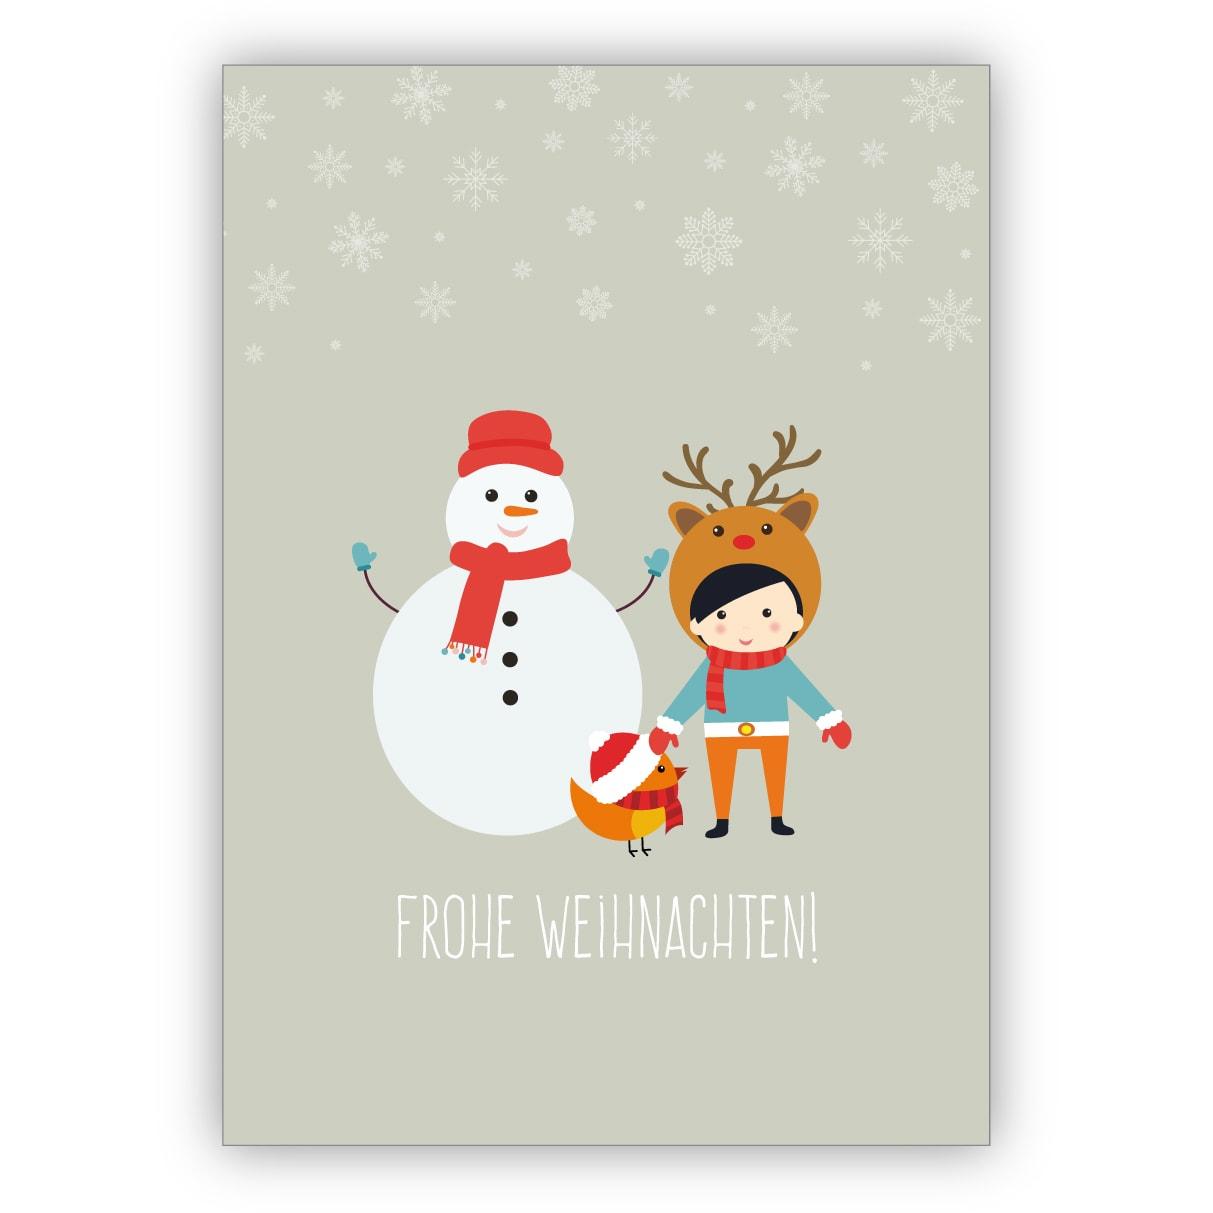 Lustige Kinder Weihnachtskarte Mit Schneemann: Frohe Weihnachten für Weihnachtskarte Für Kinder